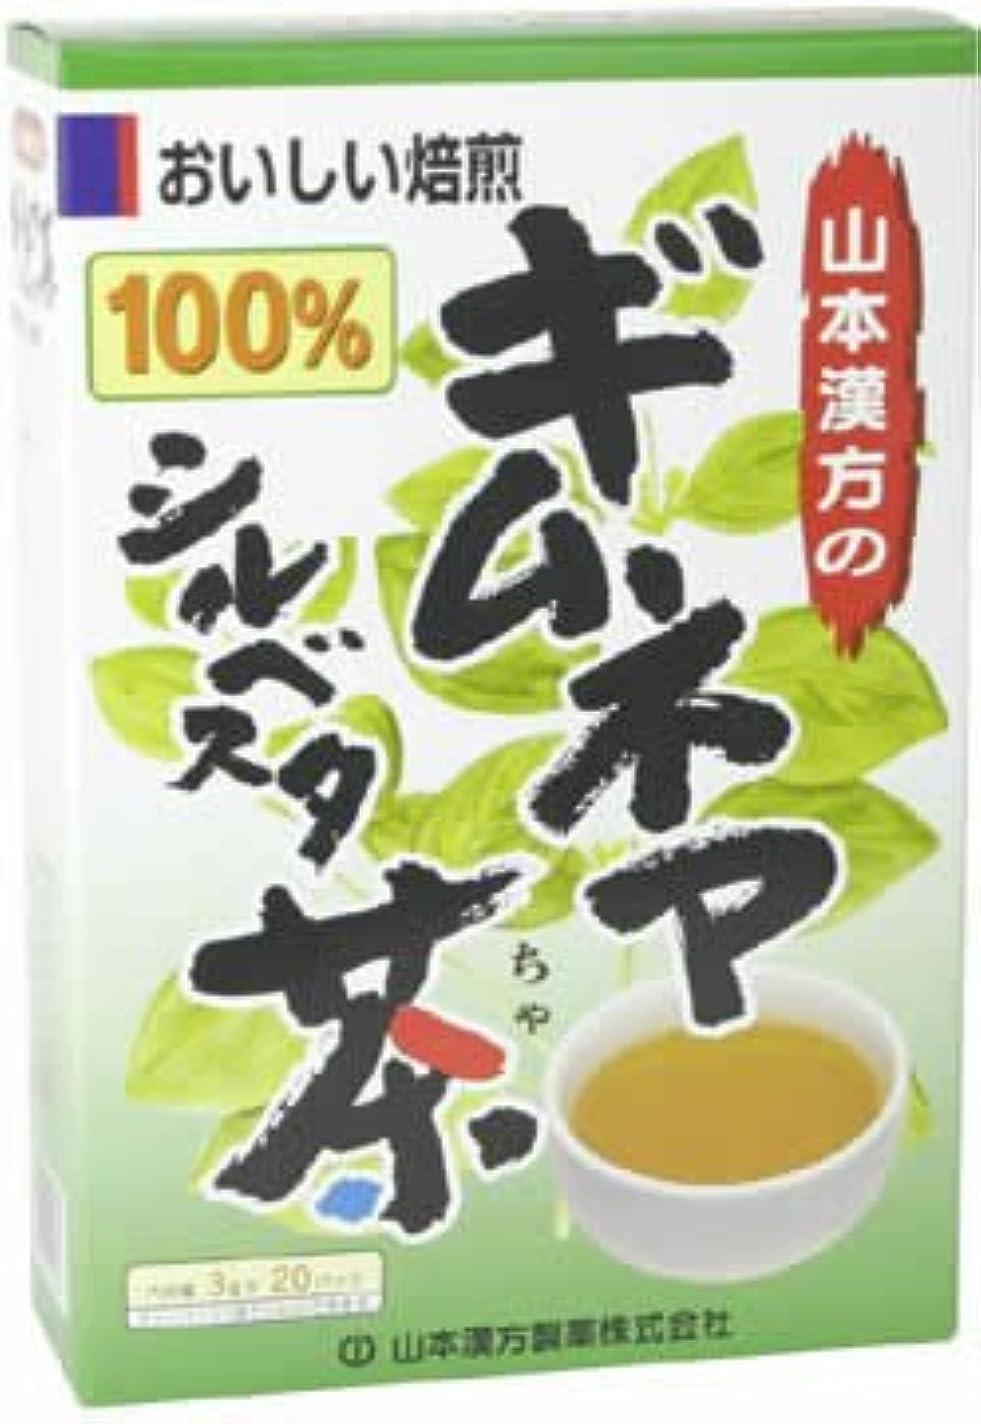 知性改革トランスミッション山本漢方製薬 ギムネマシルベスタ茶100% 3gX20H